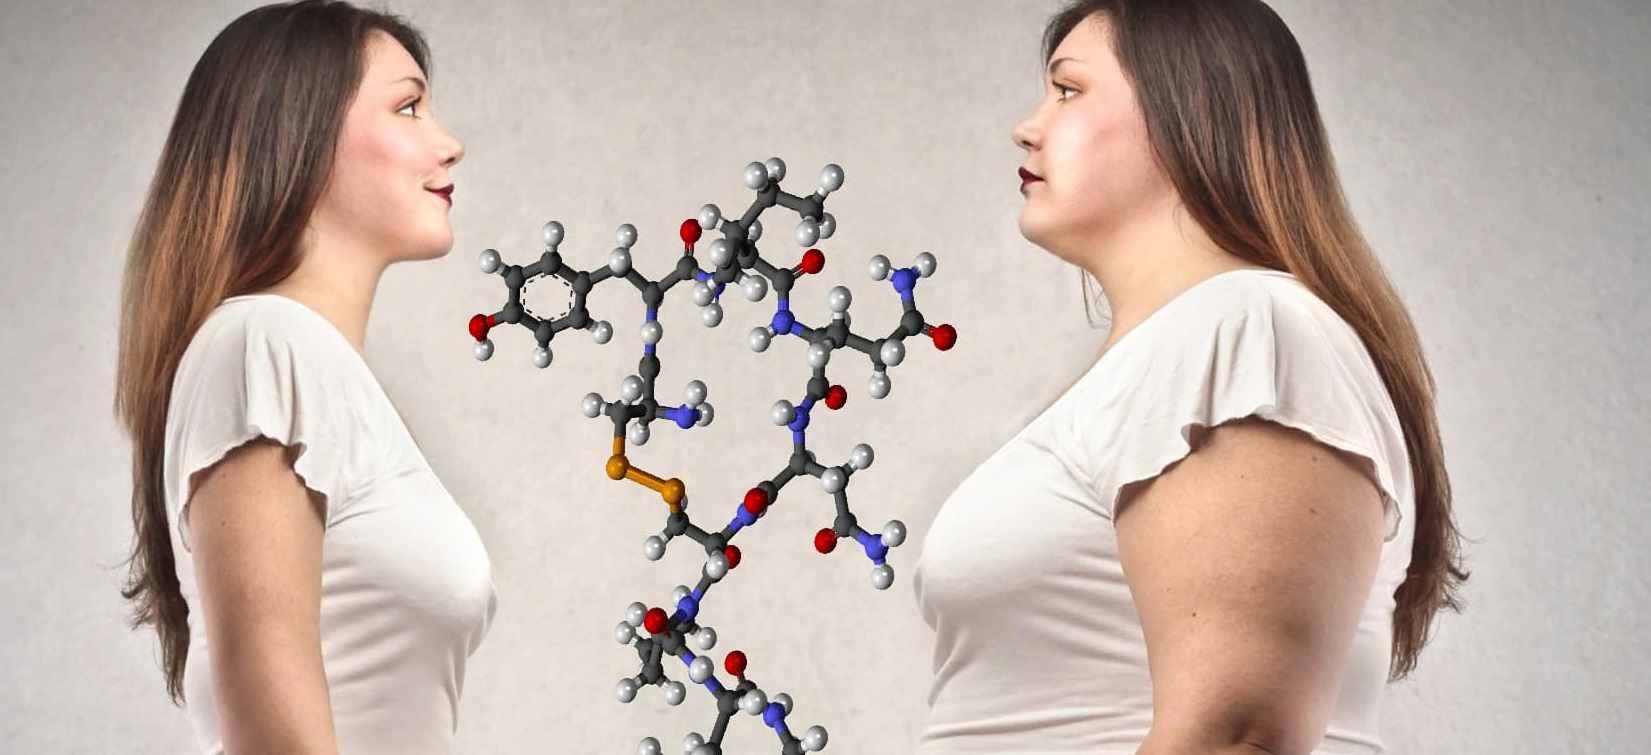 Как понизить уровень кортизола - 5 способов уменьшить стресс